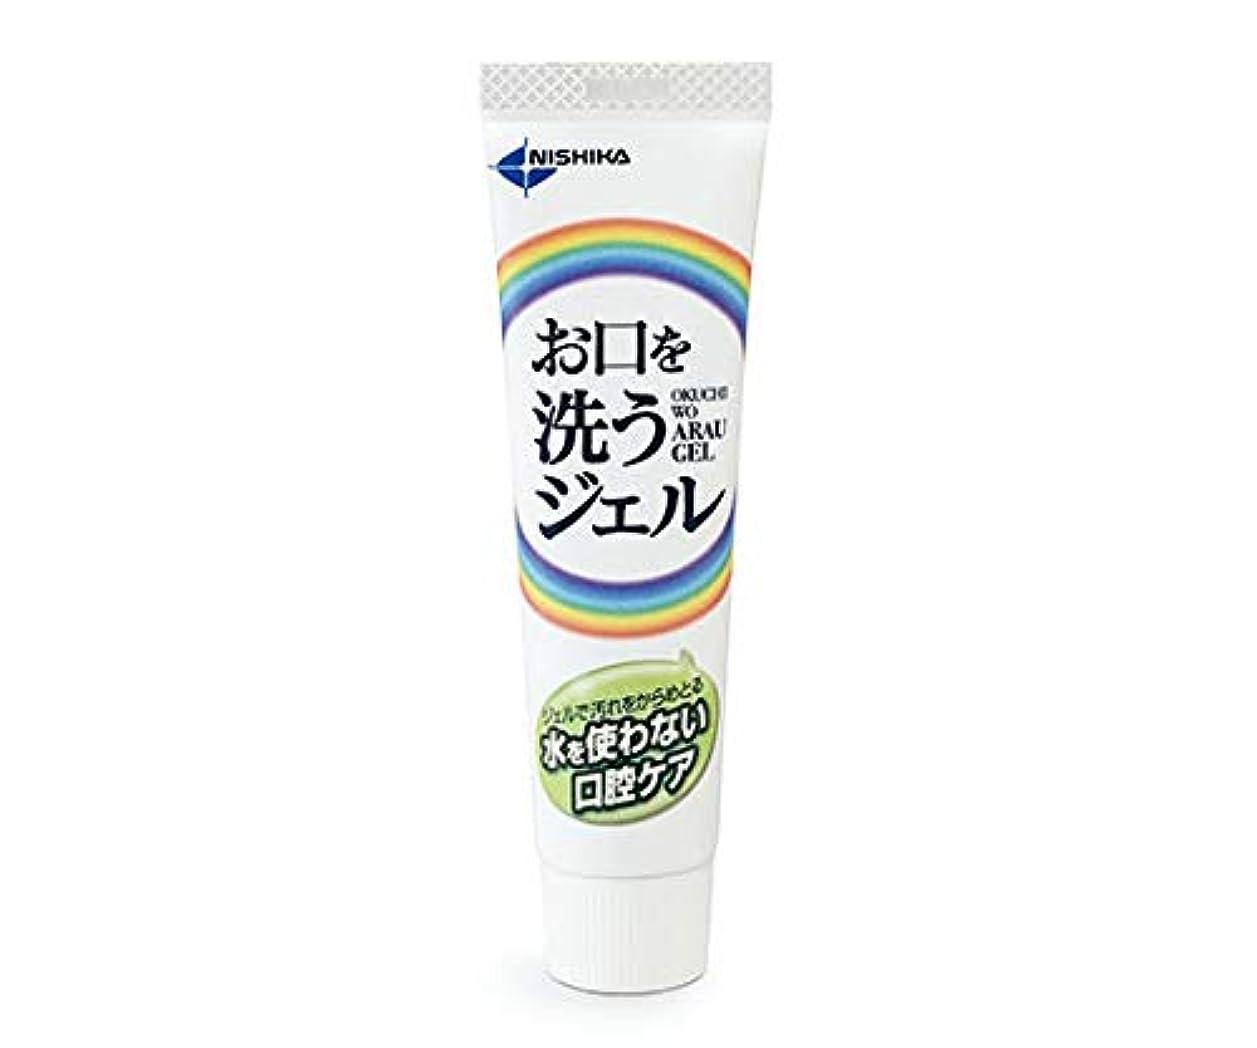 妻イブ急流日本歯科薬品 お口を洗うジェル(口腔ケア用ジェル) 25g